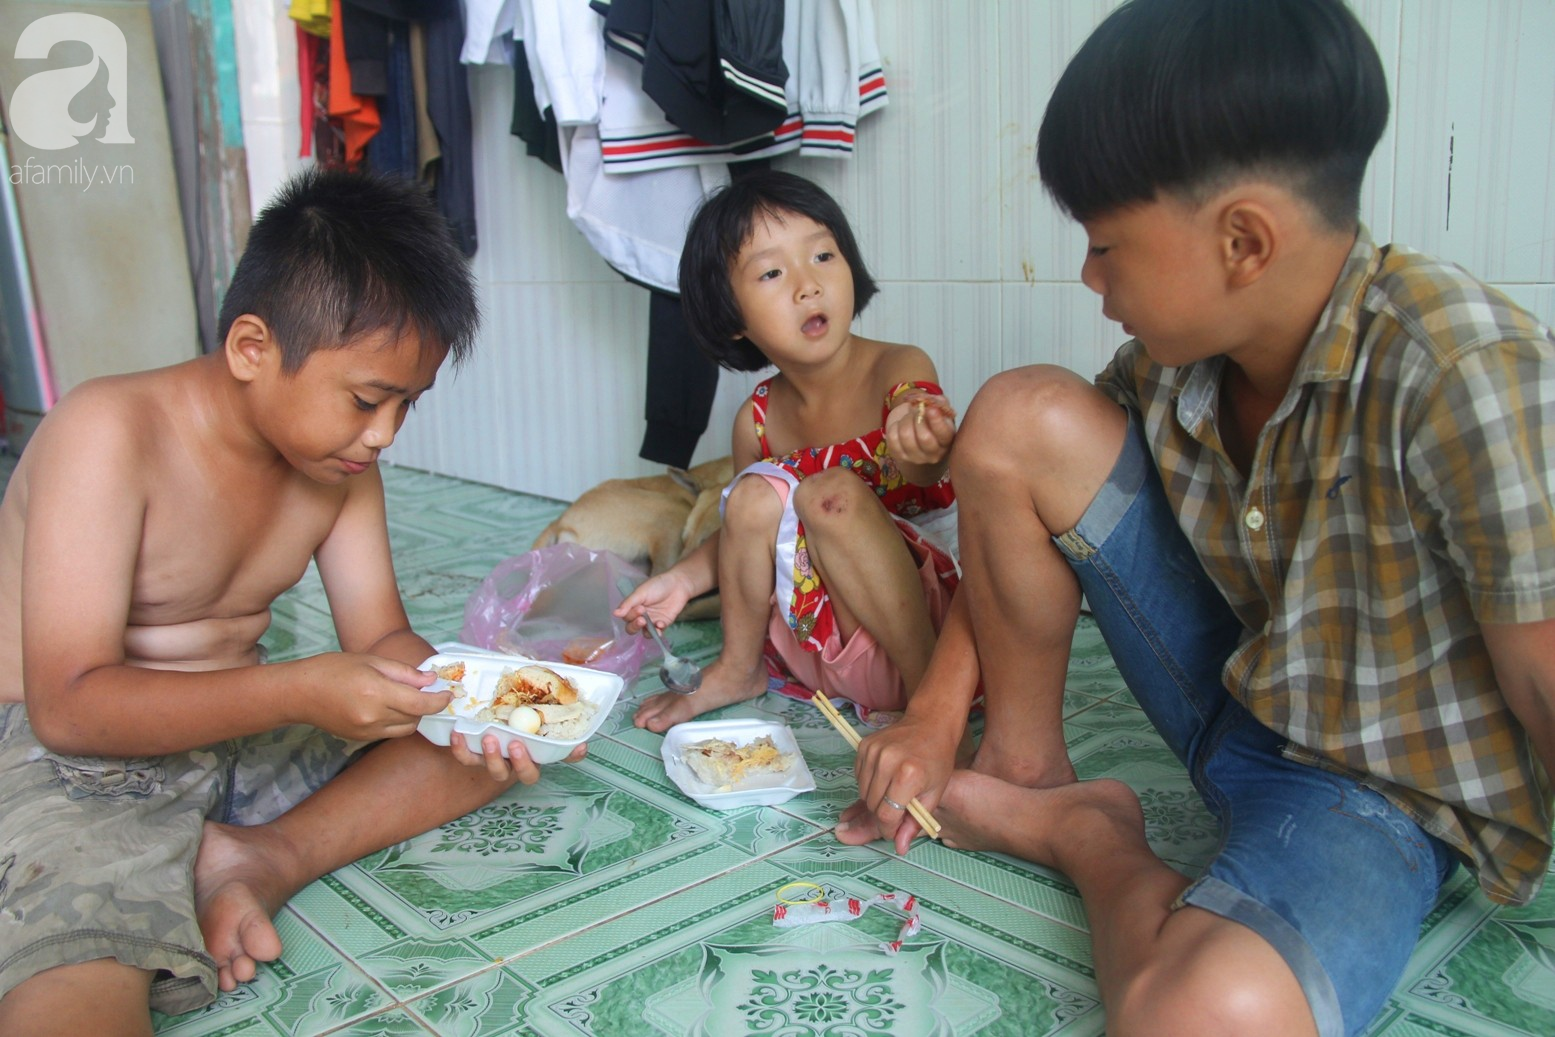 Phép màu đến với 8 đứa trẻ sống nheo nhóc bên bà ngoại già bại liệt: Tụi con ăn cơm với cá thịt và sắp được đến trường - Ảnh 4.